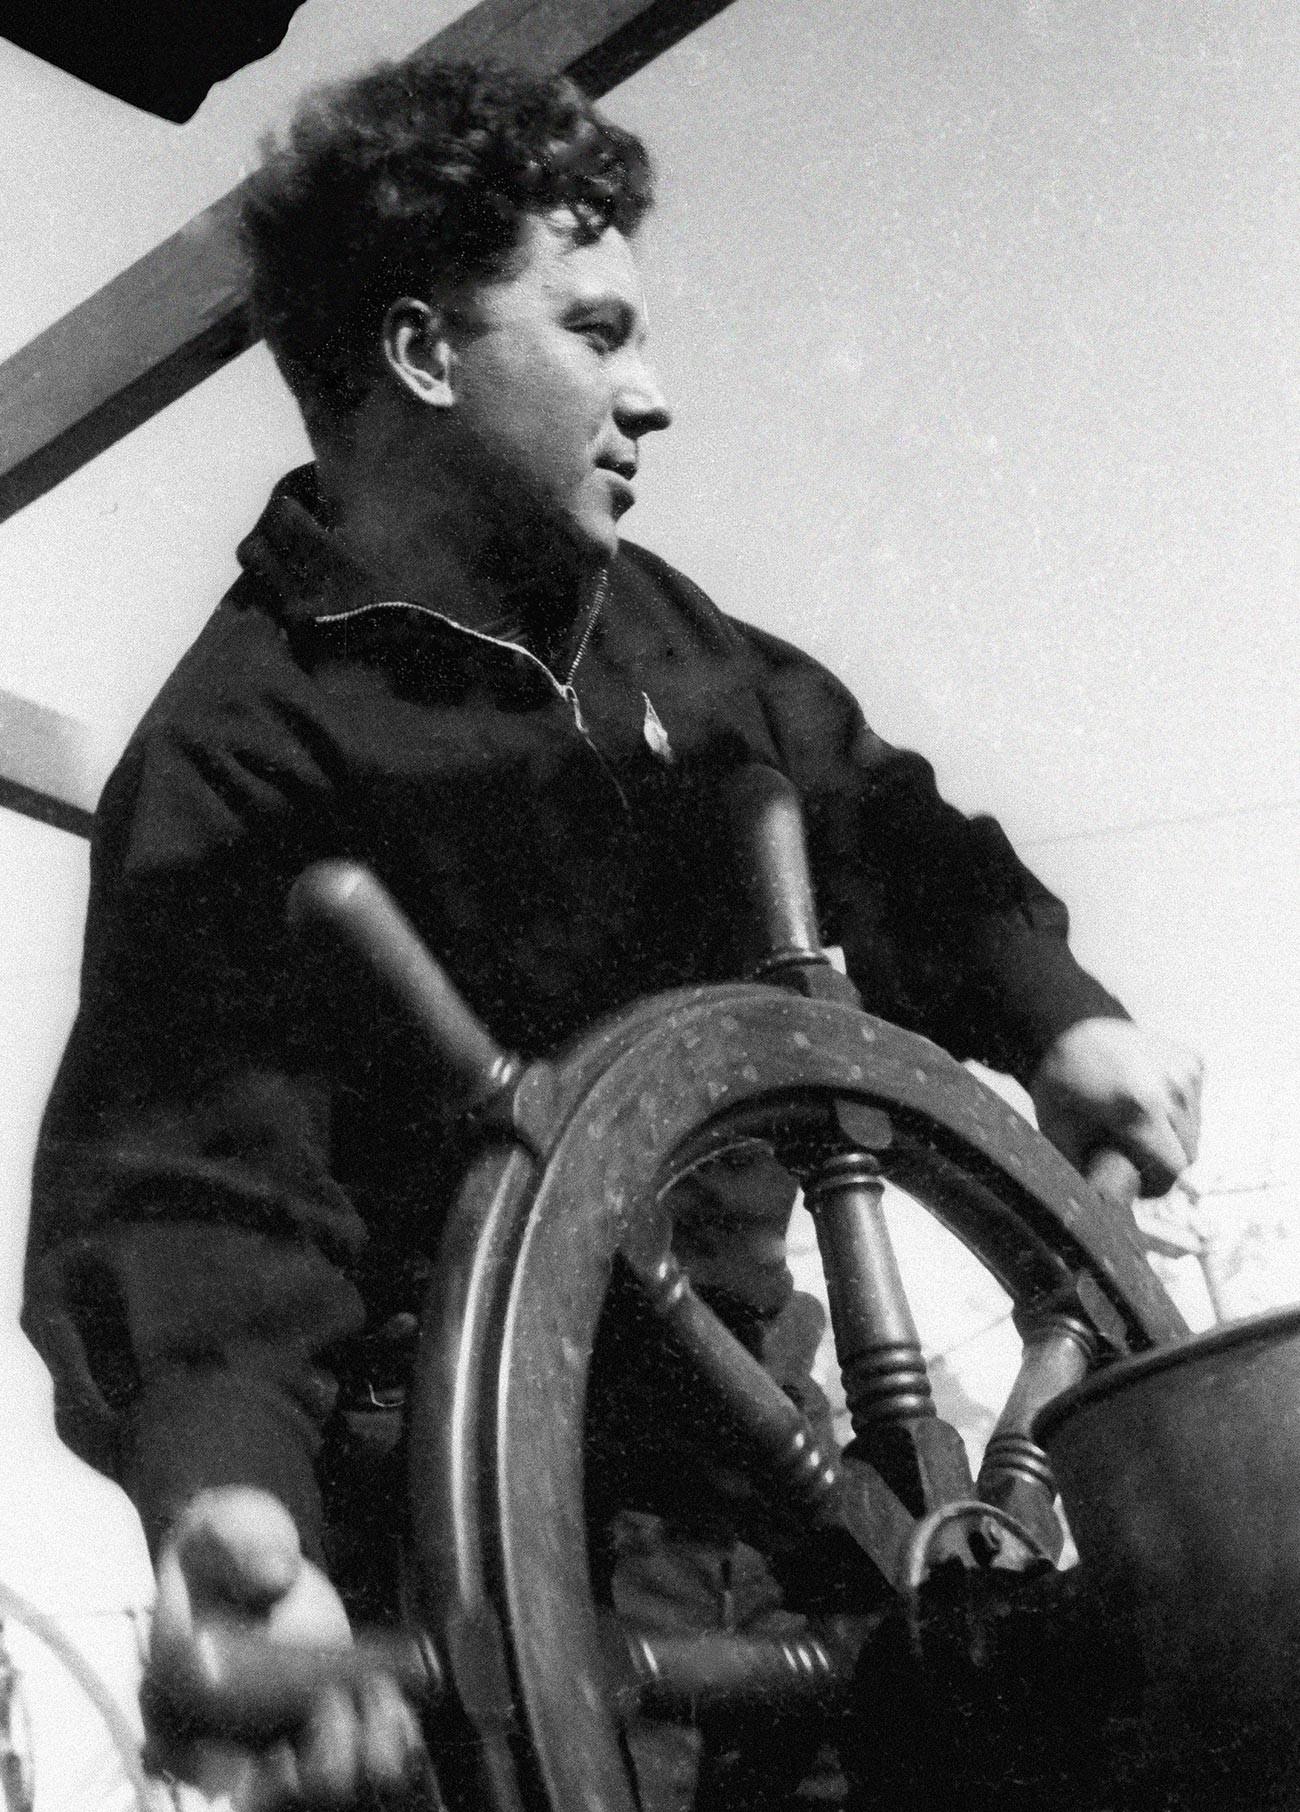 アナトーリー・リャピデフスキー、蒸気船「チェリュースキン」の乗客を救ったパイロットの一人